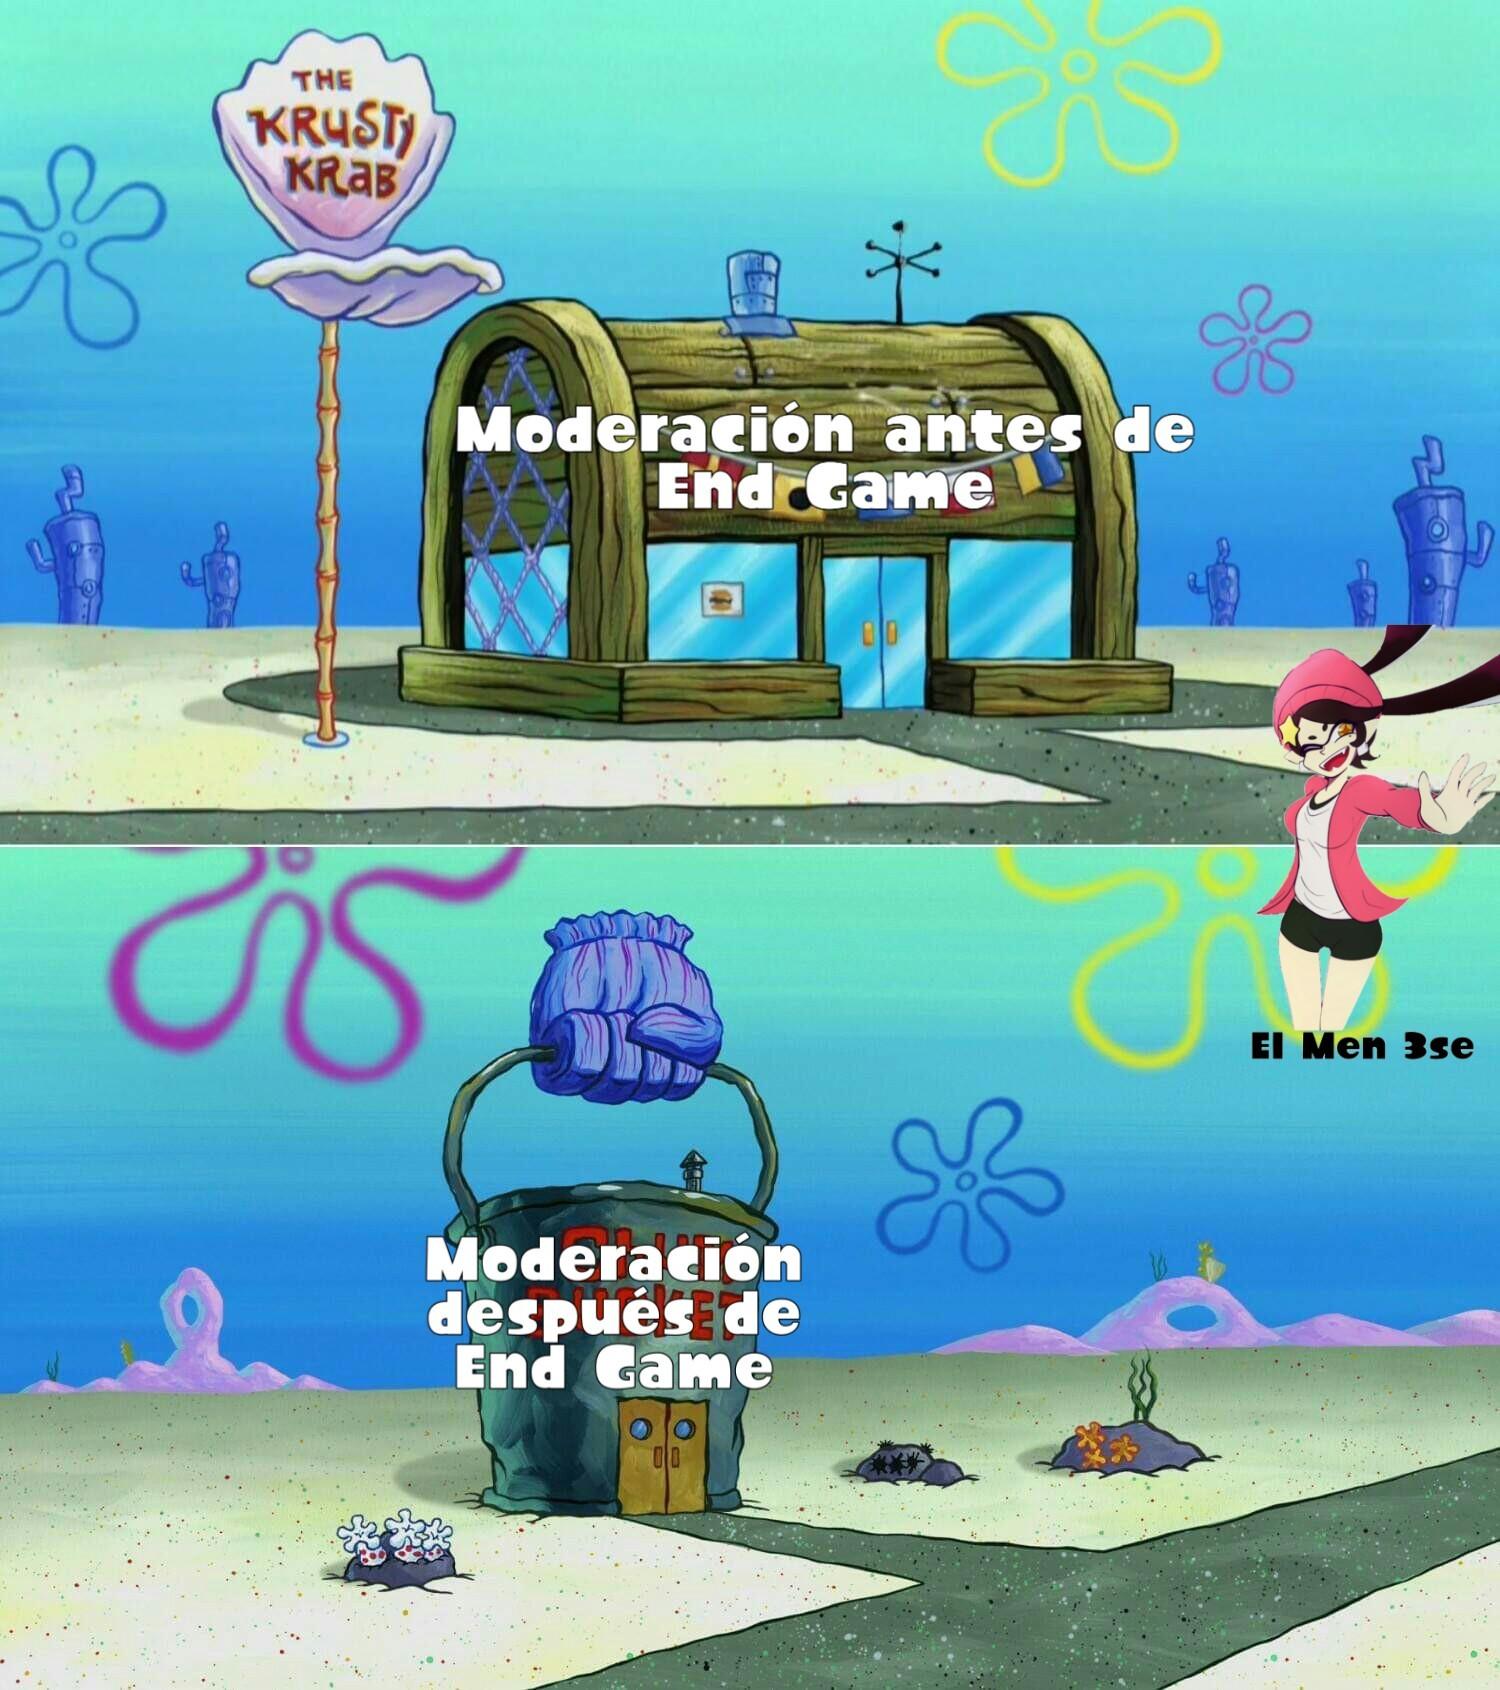 Da lastima admitirlo - meme